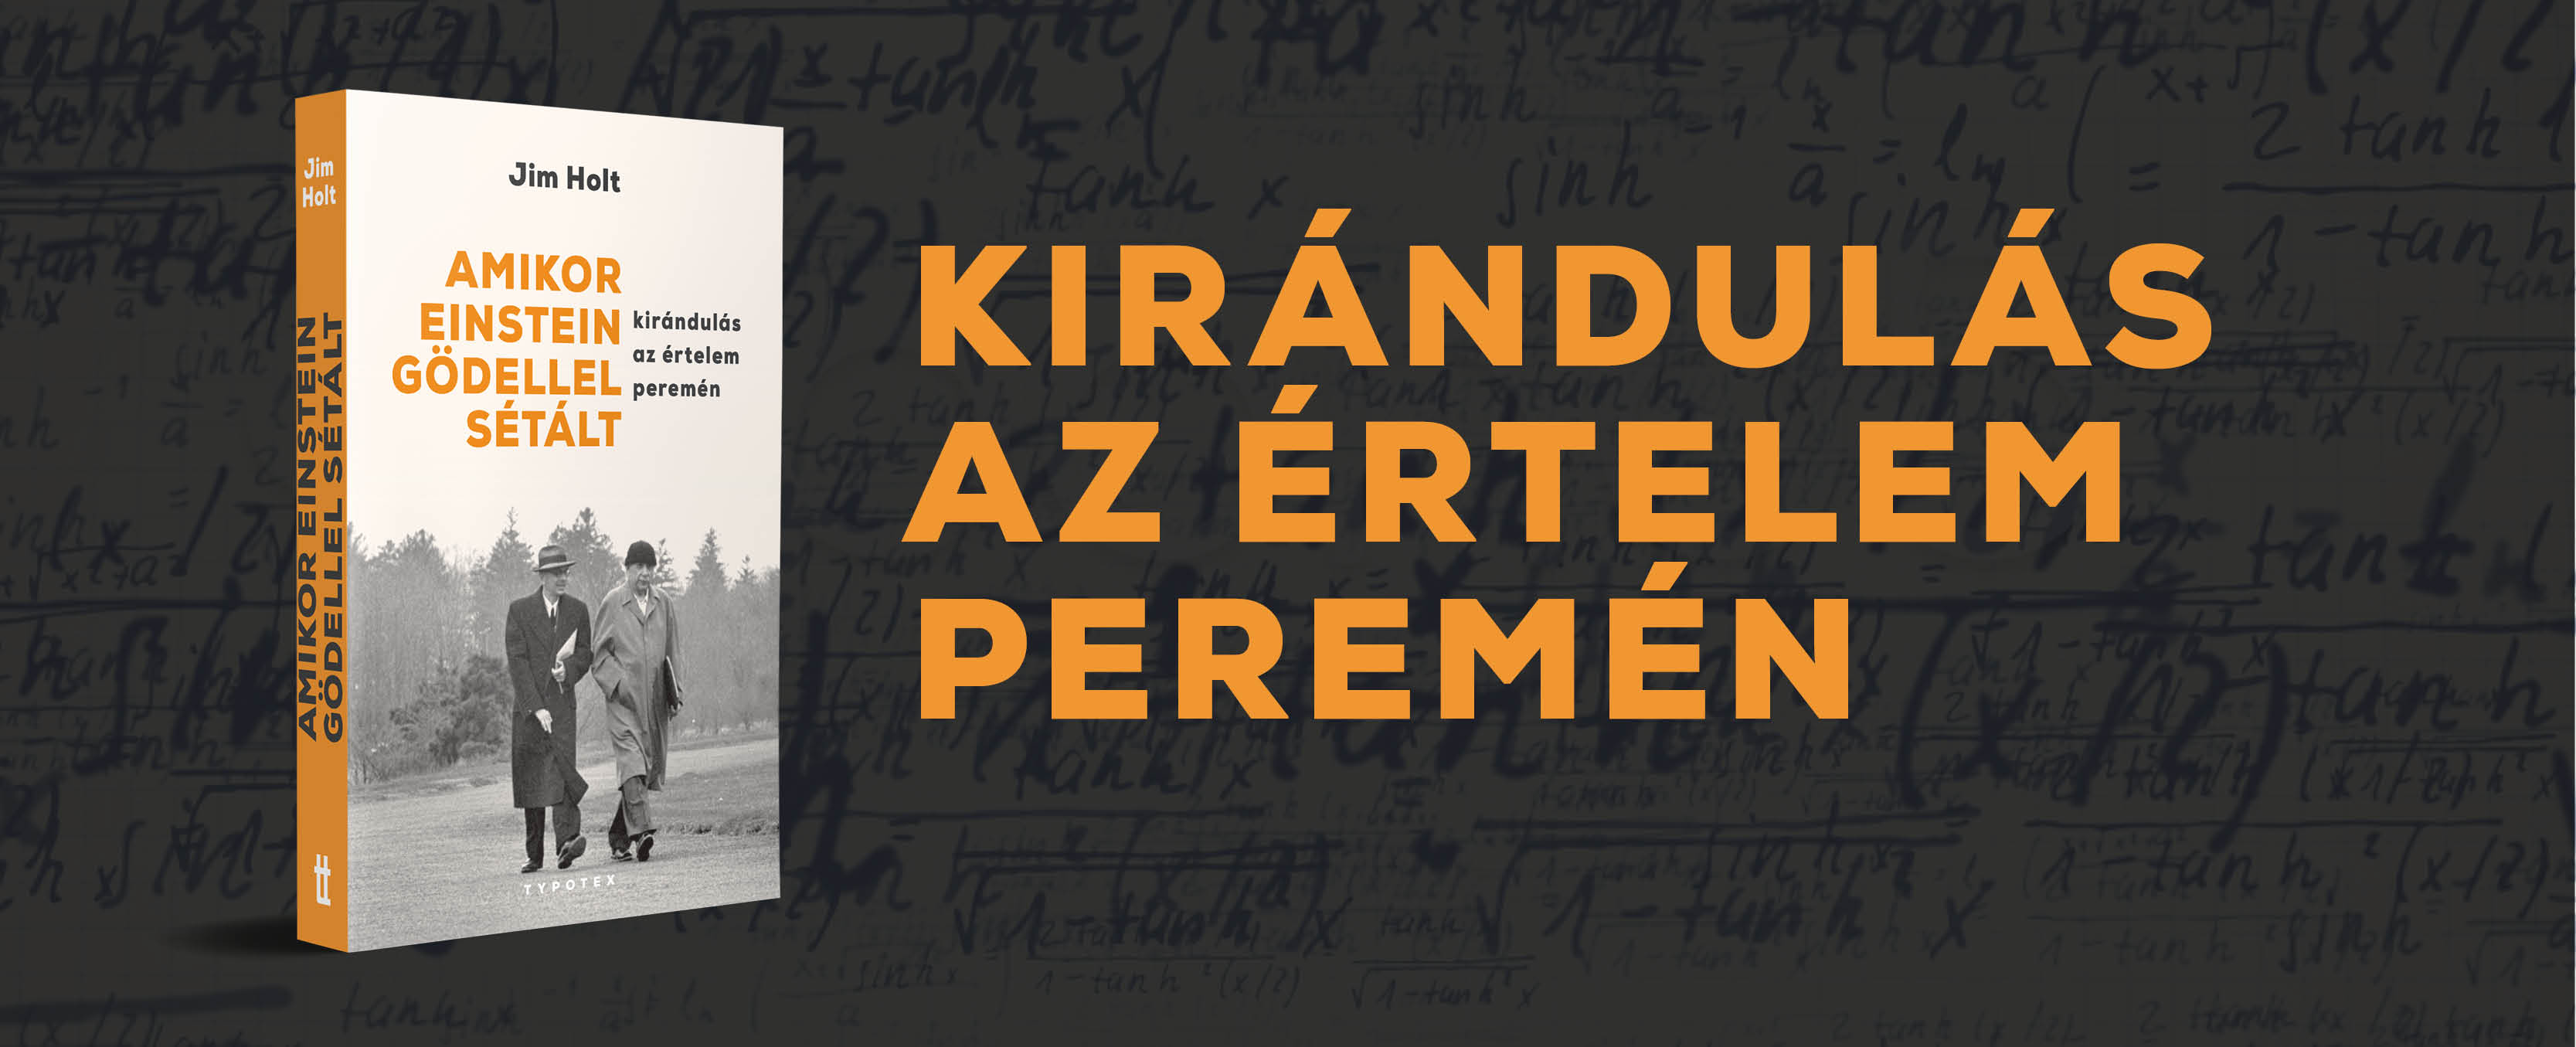 Einstein-Gödel